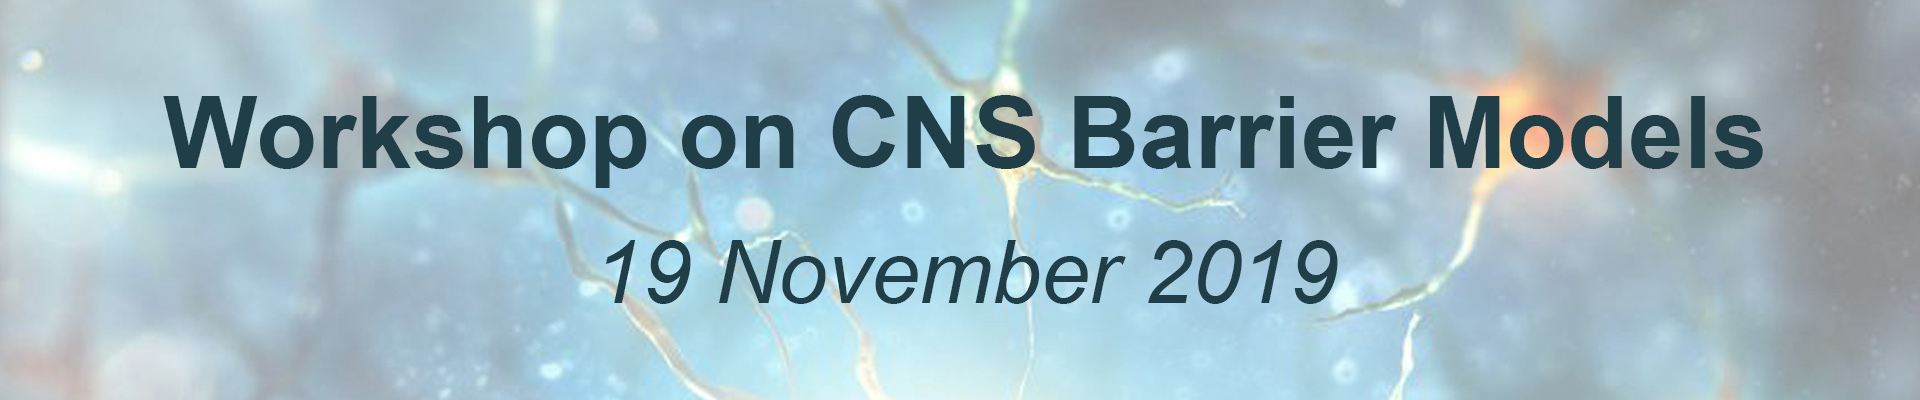 Workshop on CNS barrier models